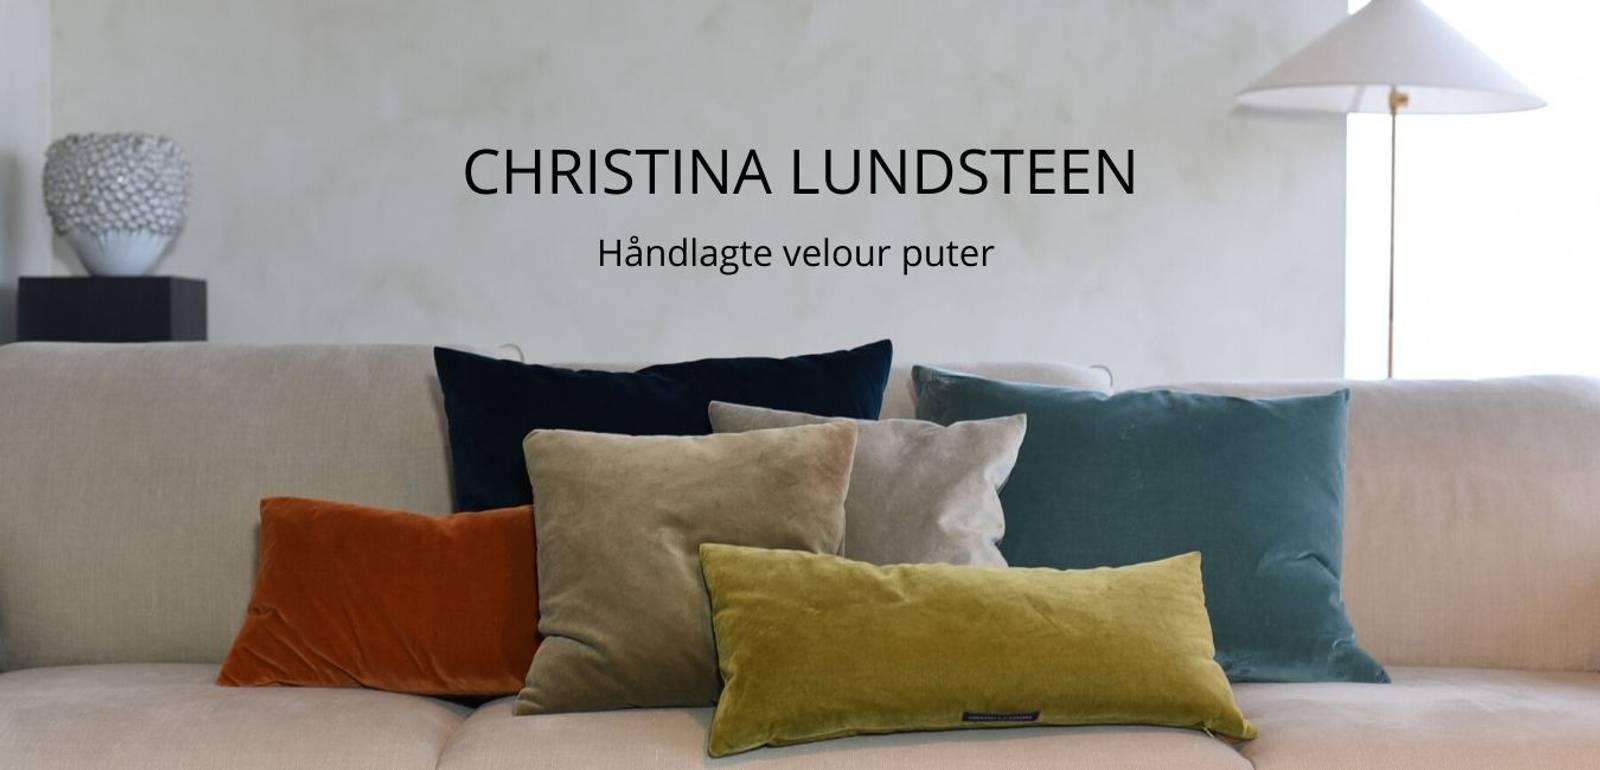 christina lundsteen velour velvet cushions puter dansk design farge fløyel